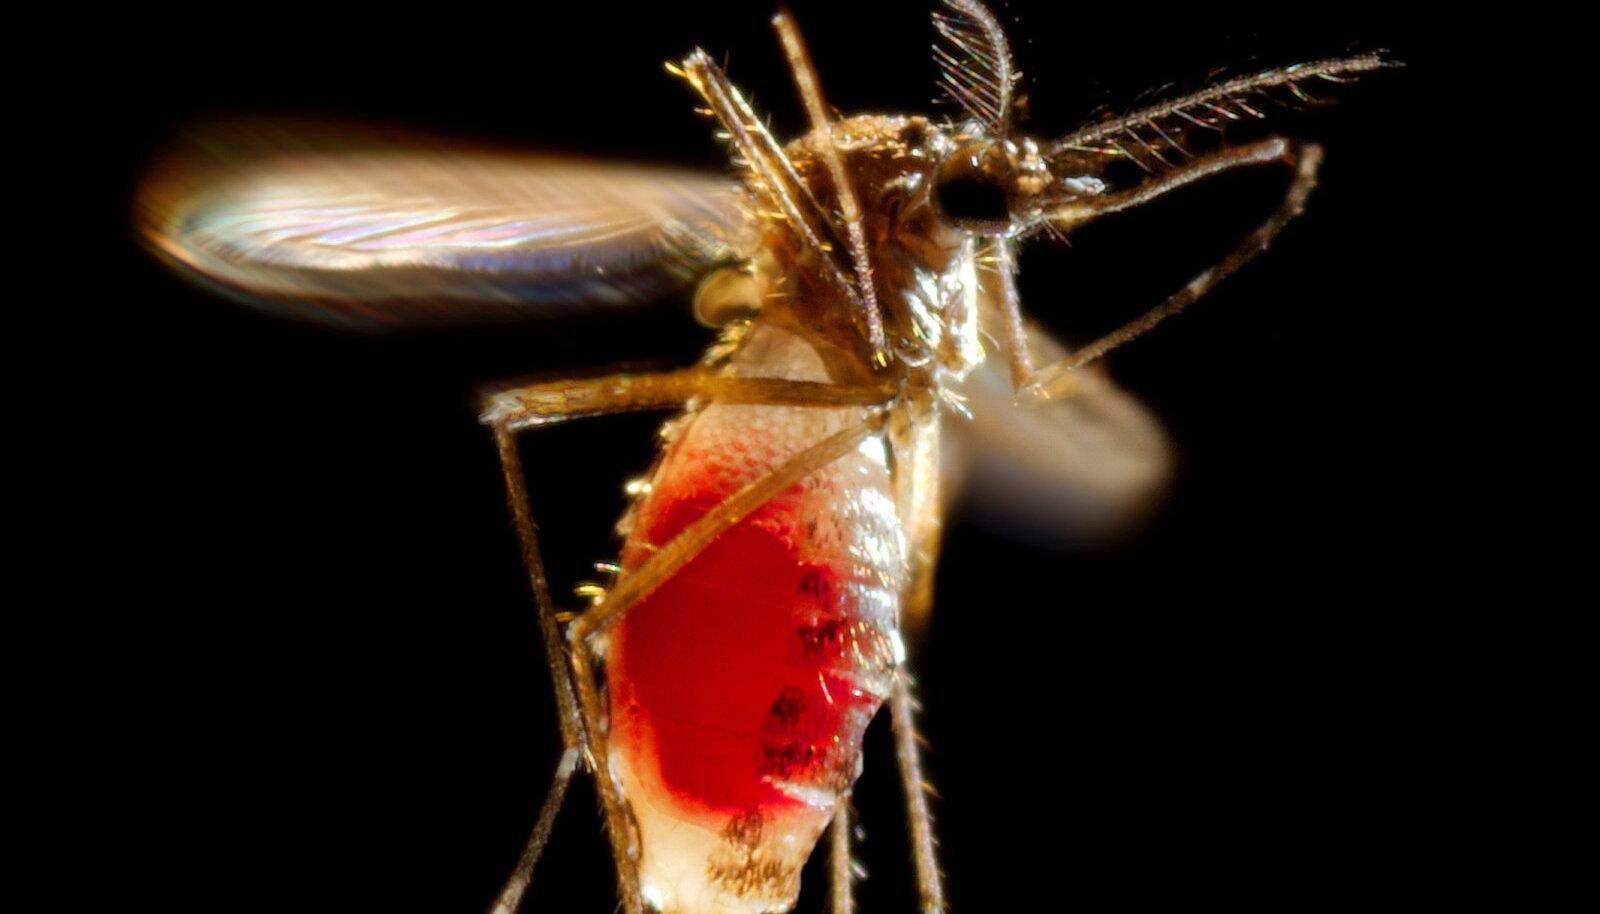 Kõht värsket verd täis, lendab emane Aedes aegypti oma teed.